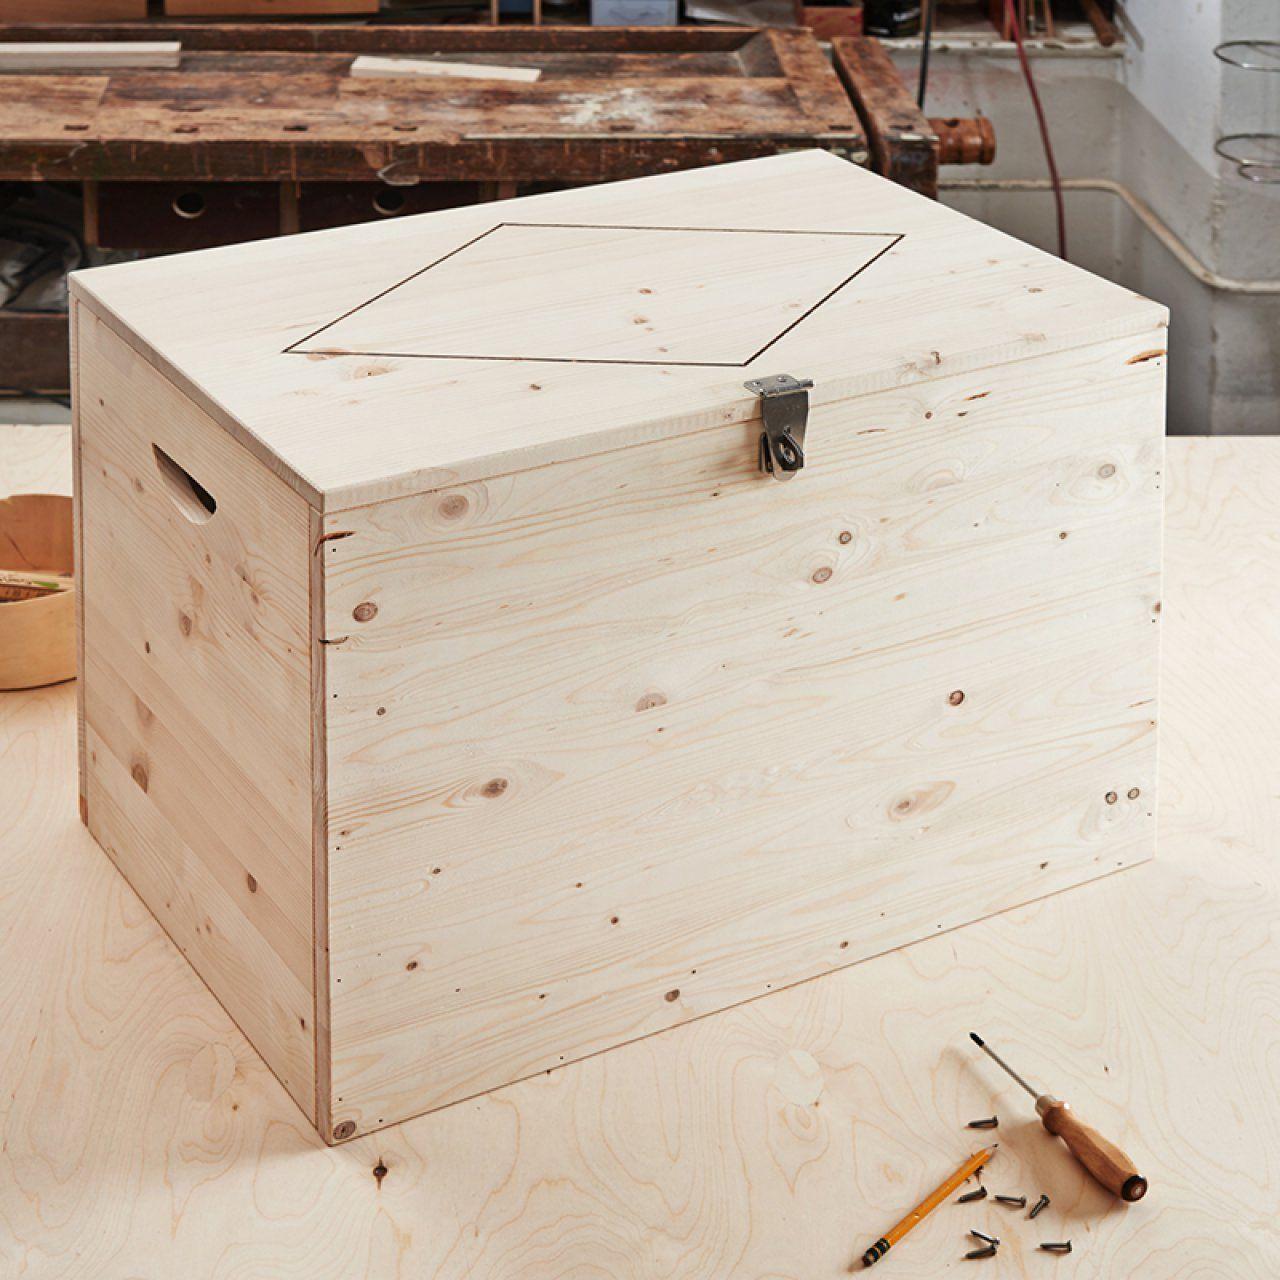 fabriquer un coffre en bois brico diy pinterest diy. Black Bedroom Furniture Sets. Home Design Ideas